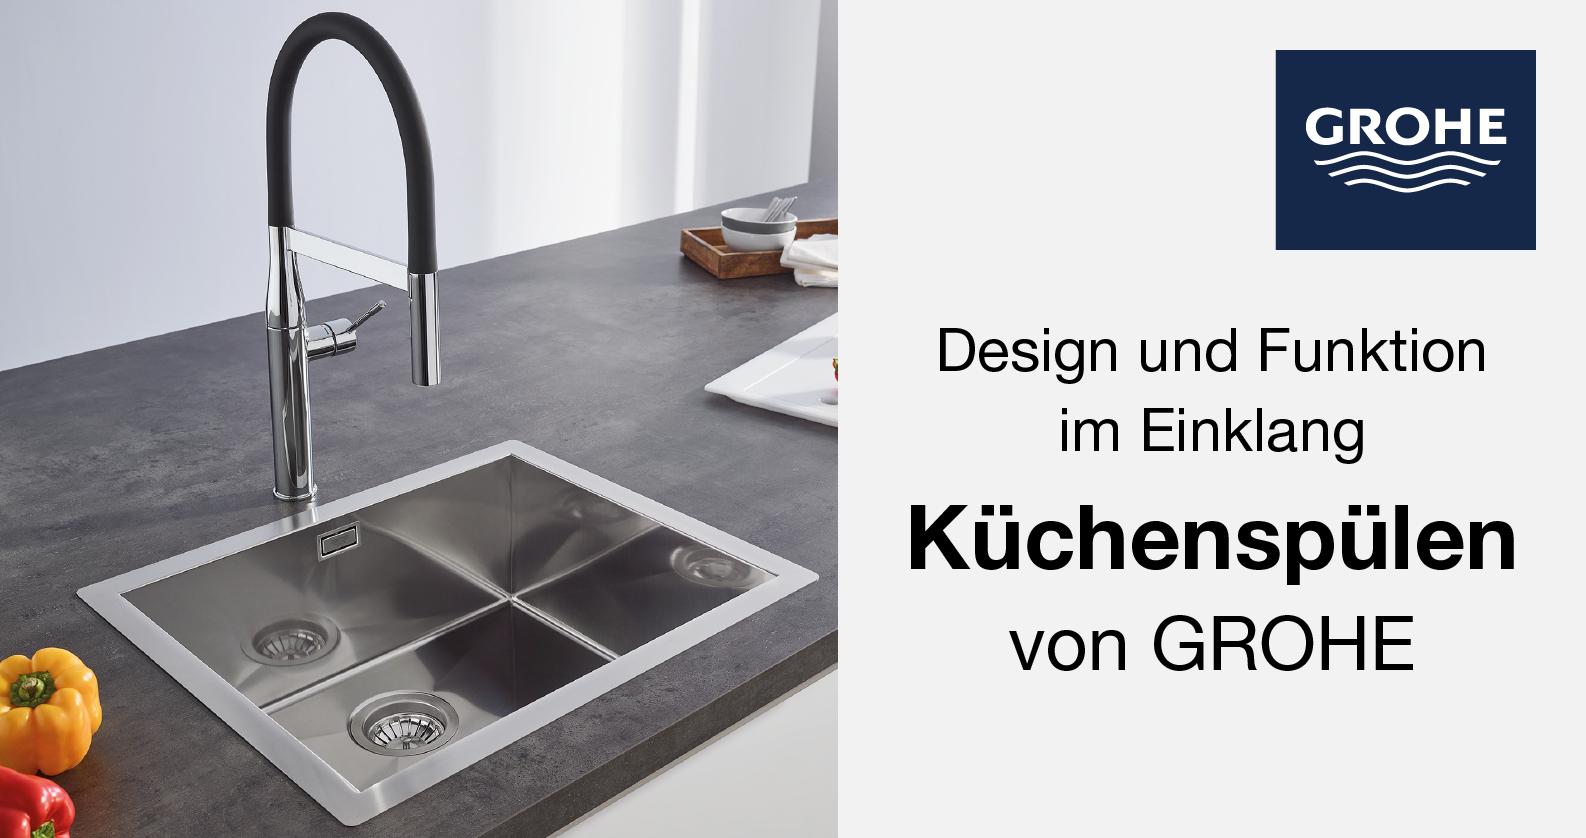 Küchenspülen von GROHE